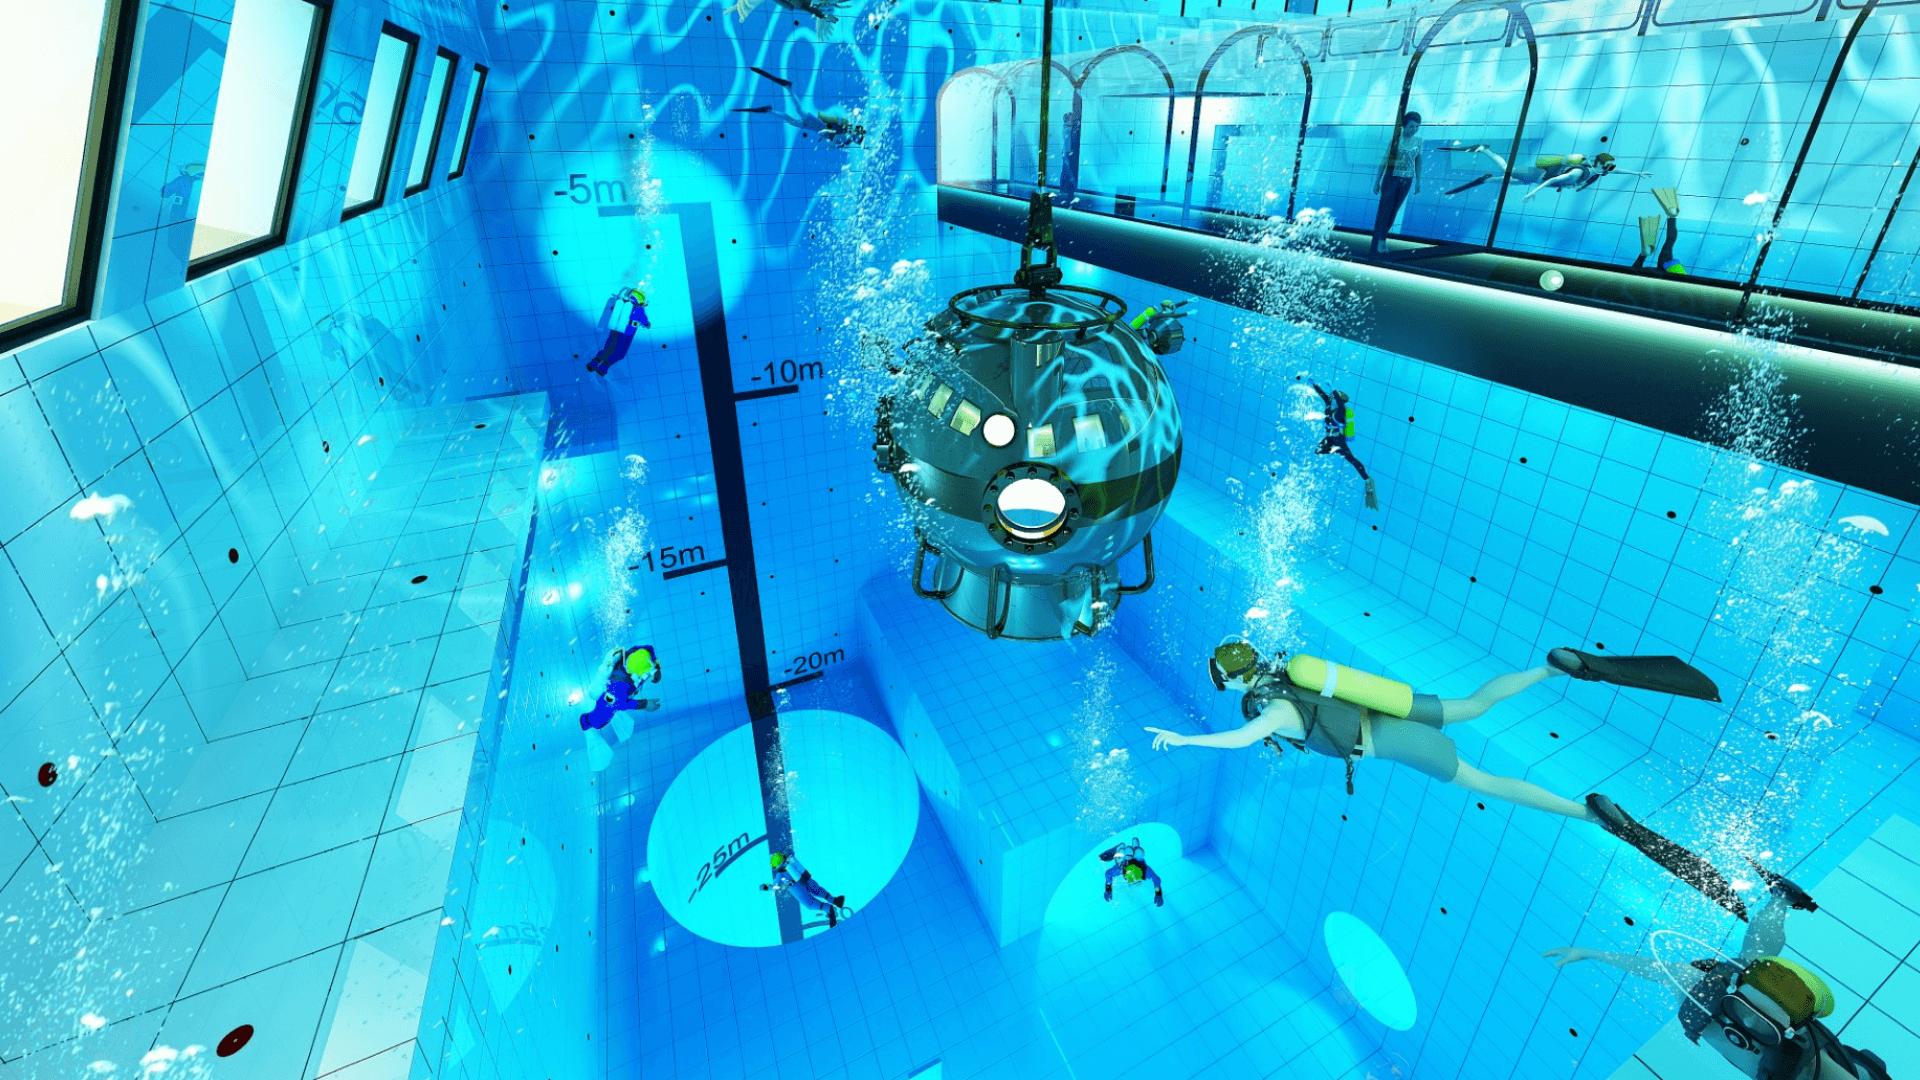 imagem-destacada-polonia-inaugura-a-piscina-mais-profunda-do-mundo